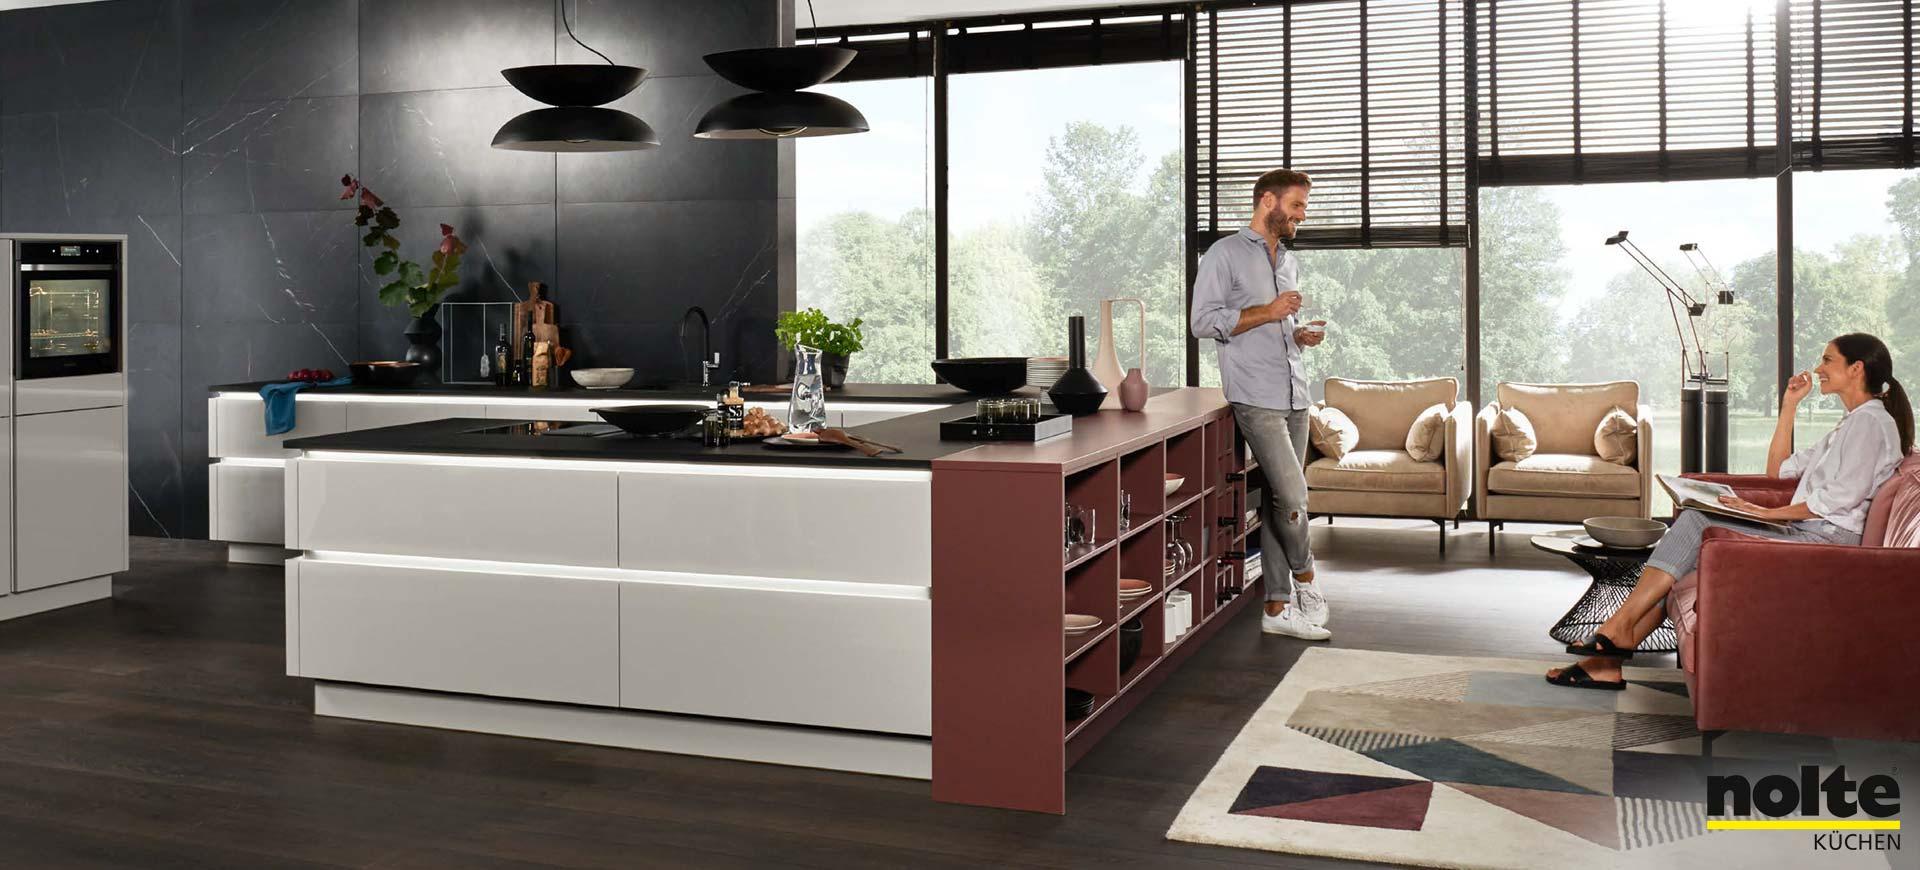 Möbel u. Küchen Reinecke – Küchen in Delmenhorst nahe Bremen